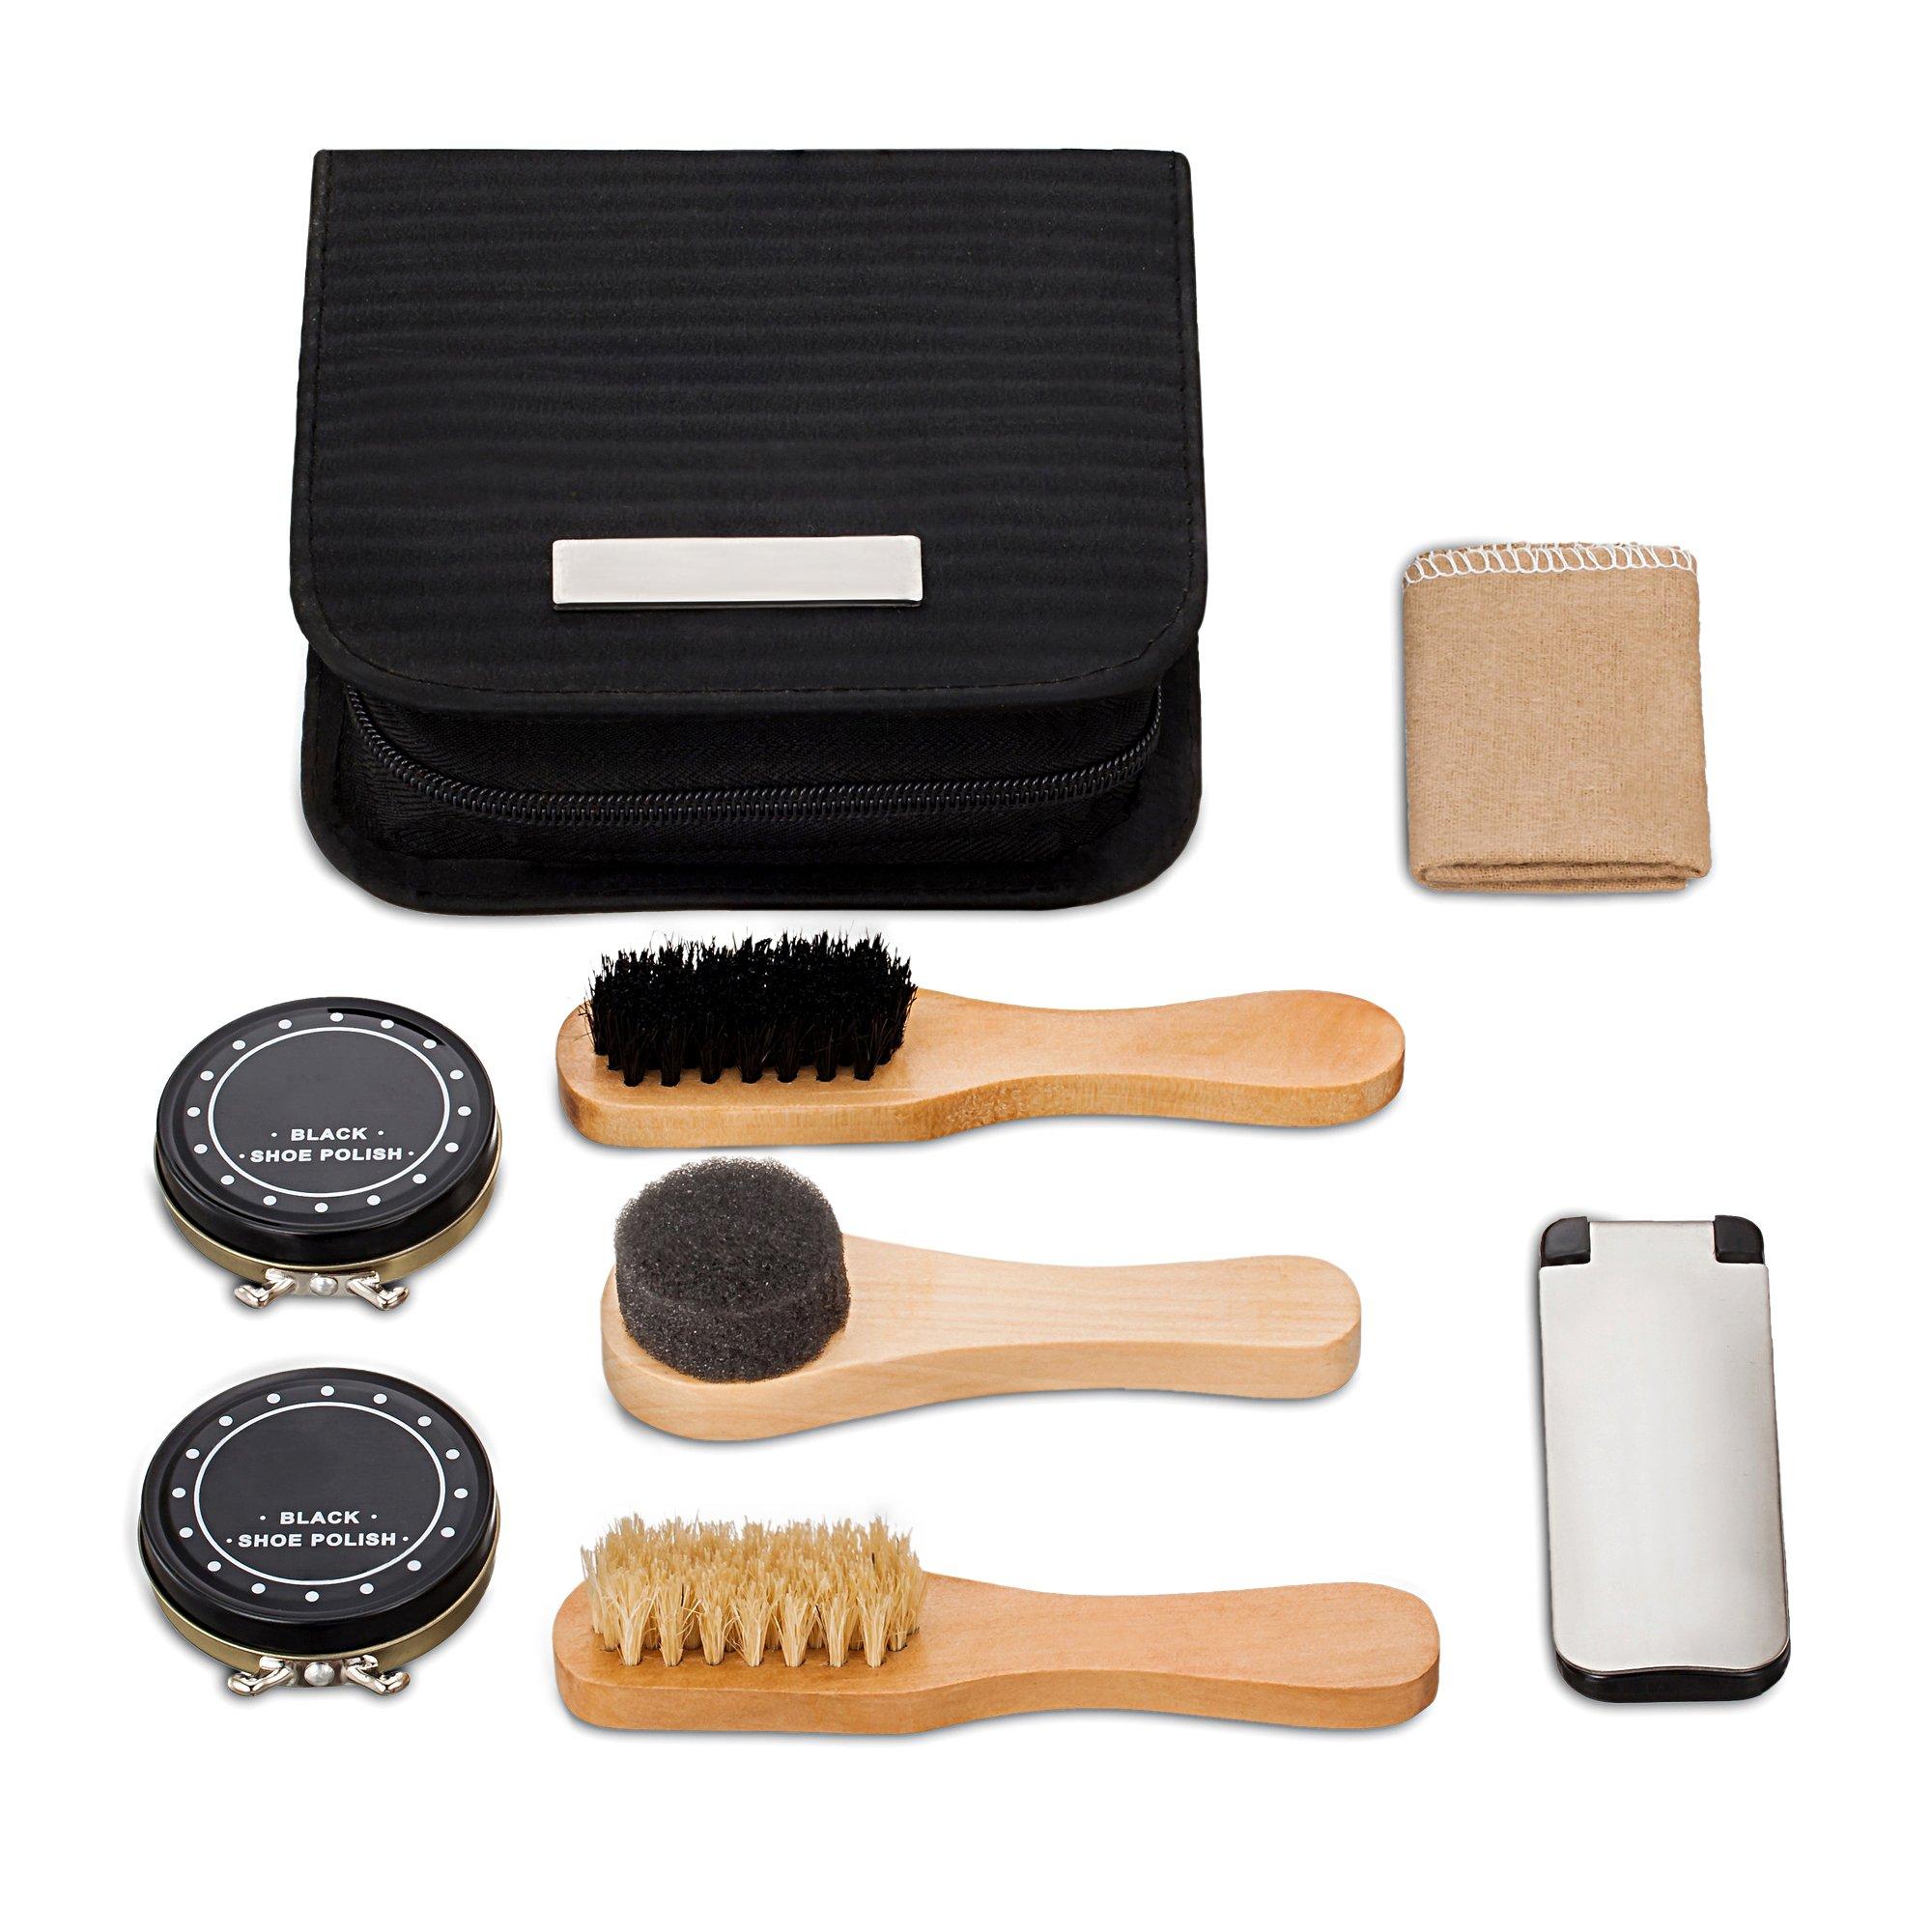 chuanyuekeji Shoe Shine Kit & Shoe Care Valet with PU Leather Sleek Elegant Case, 7-Piece Travel Shoe Shine Brush kit (Black) by chuanyuekeji (Image #6)